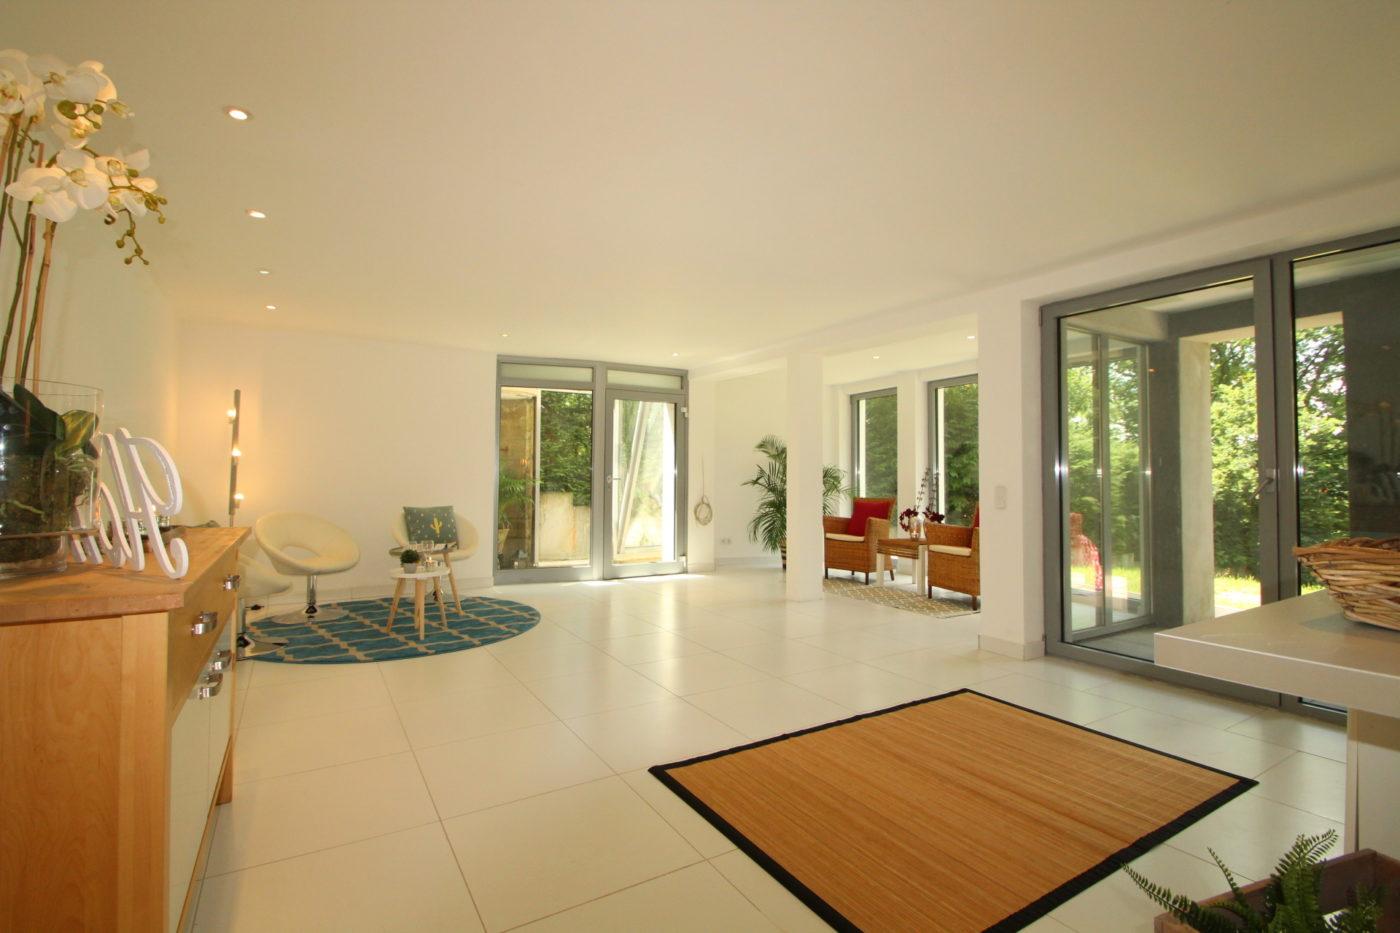 Nachher Foto Blickfang Homestaging - Ansprechende Innenrauminszenierung - Immobilien erfolgreich verkaufen